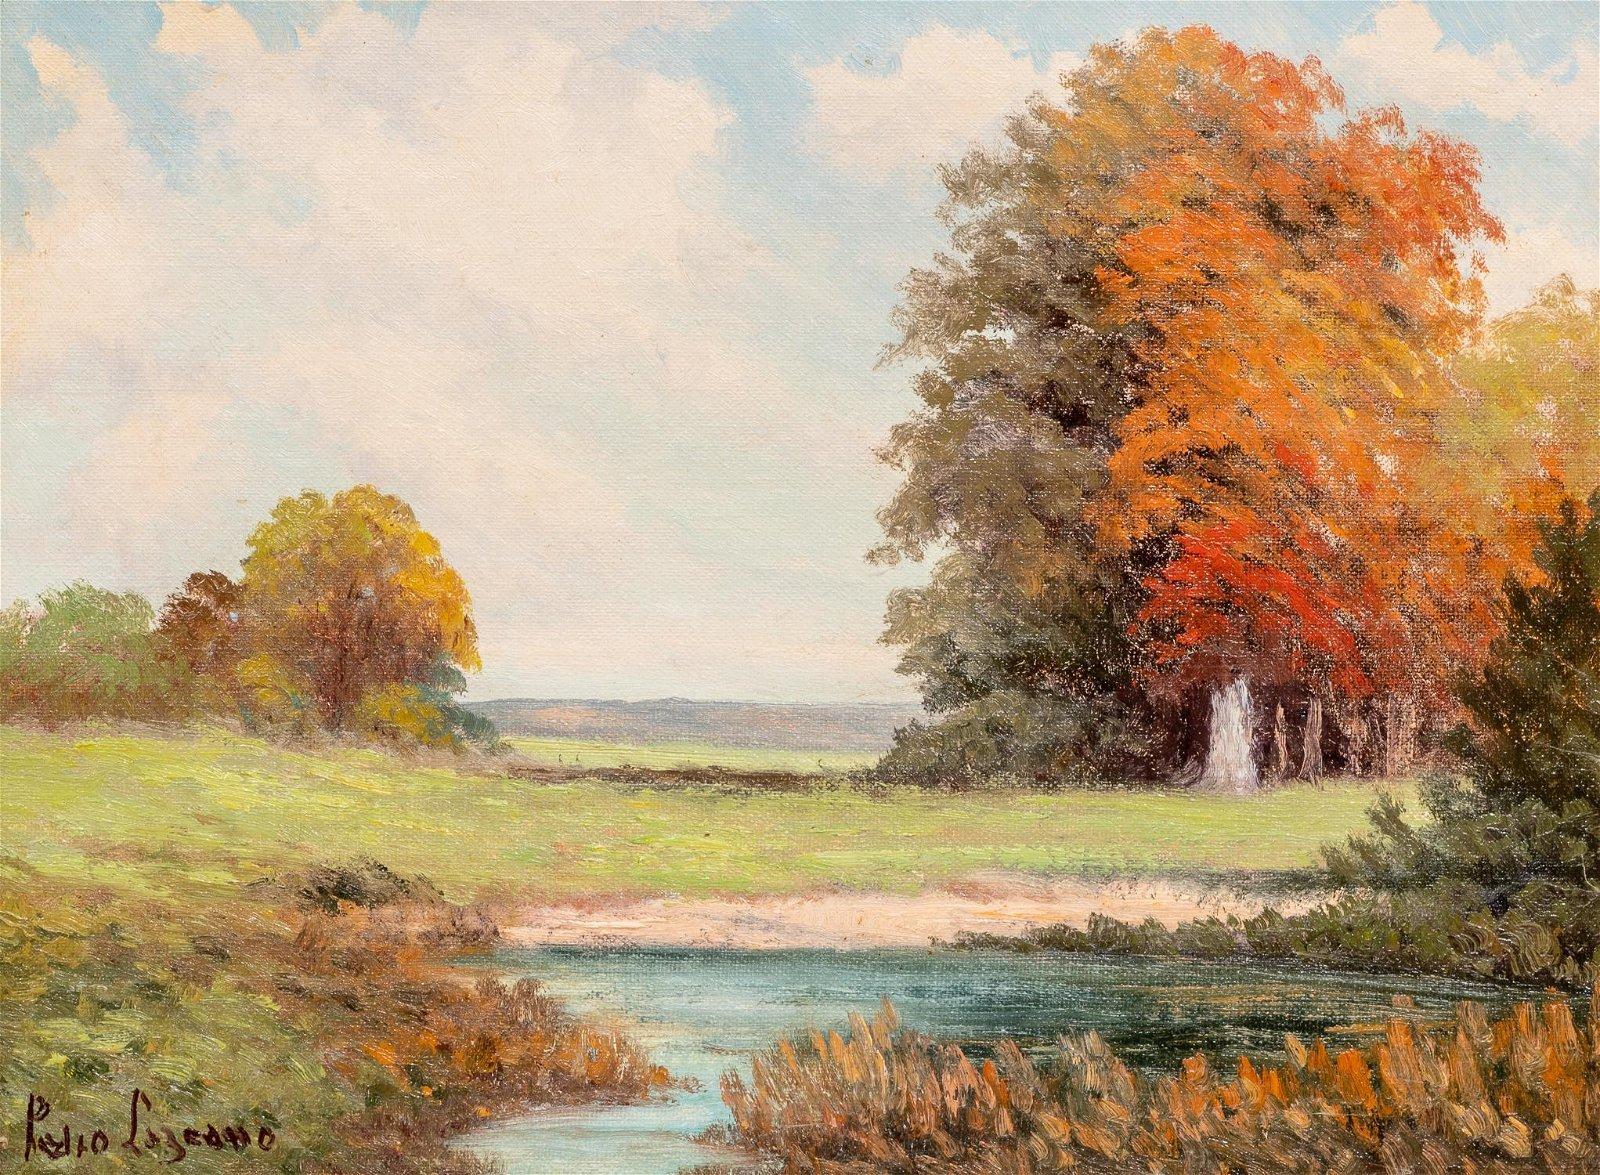 Pedro Lazcano (1909-1973), Riverside Autumn, oil